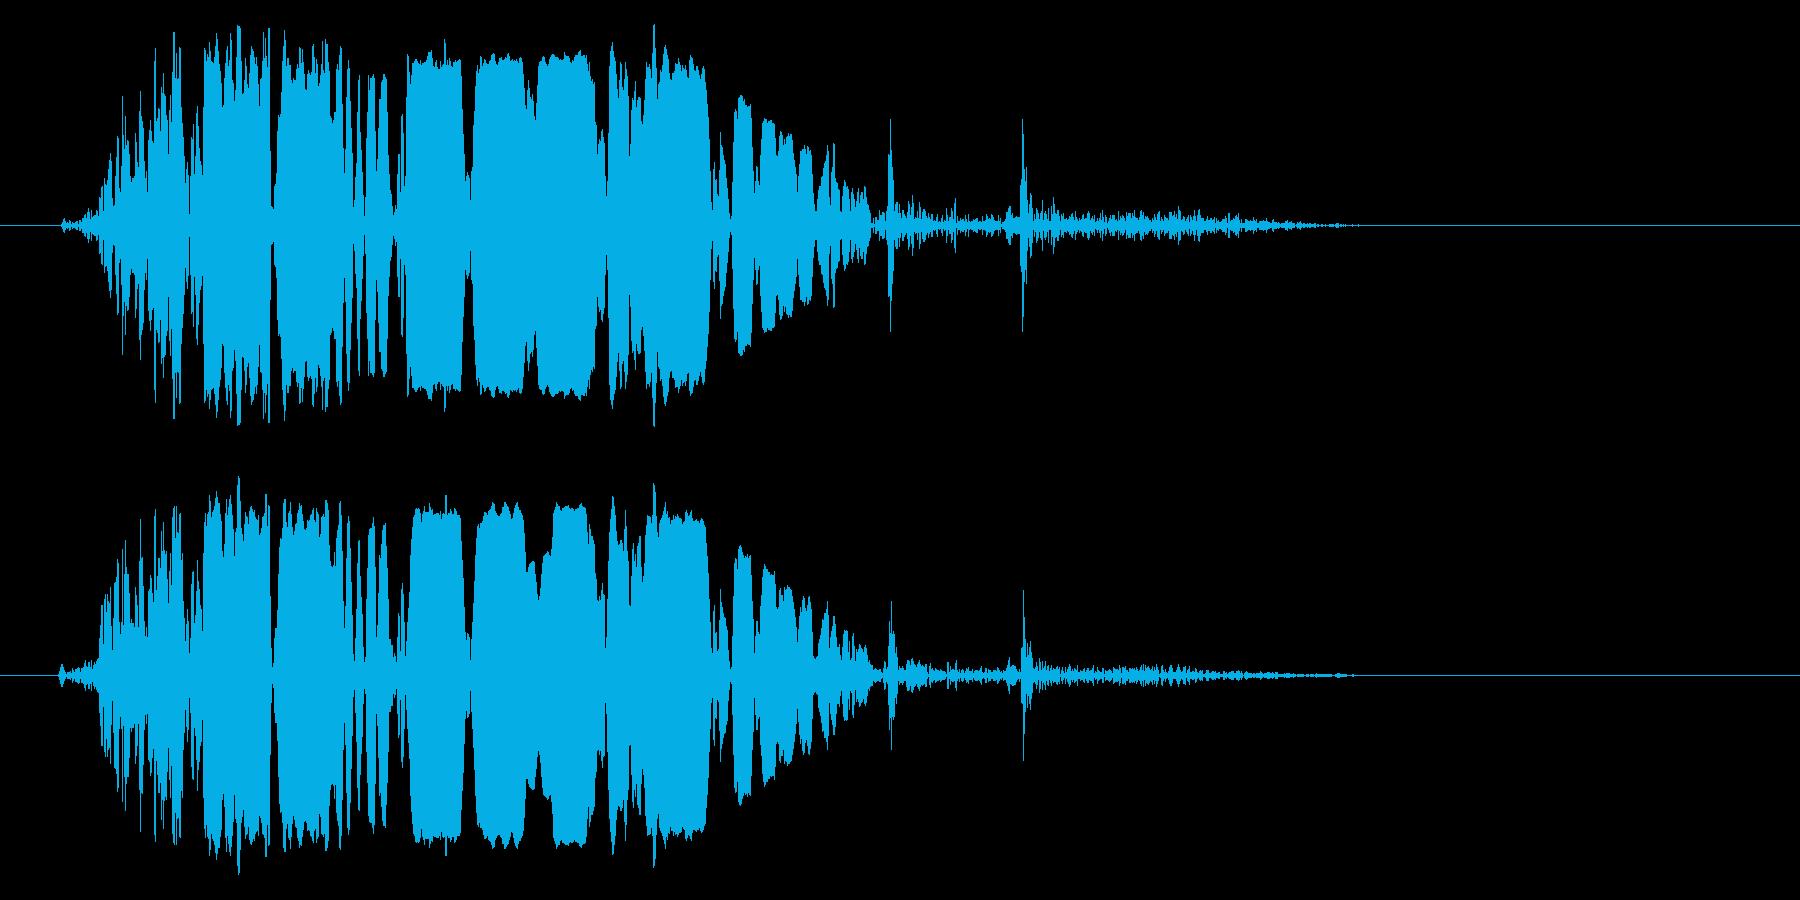 ドンッという重みのある鈍い音の再生済みの波形